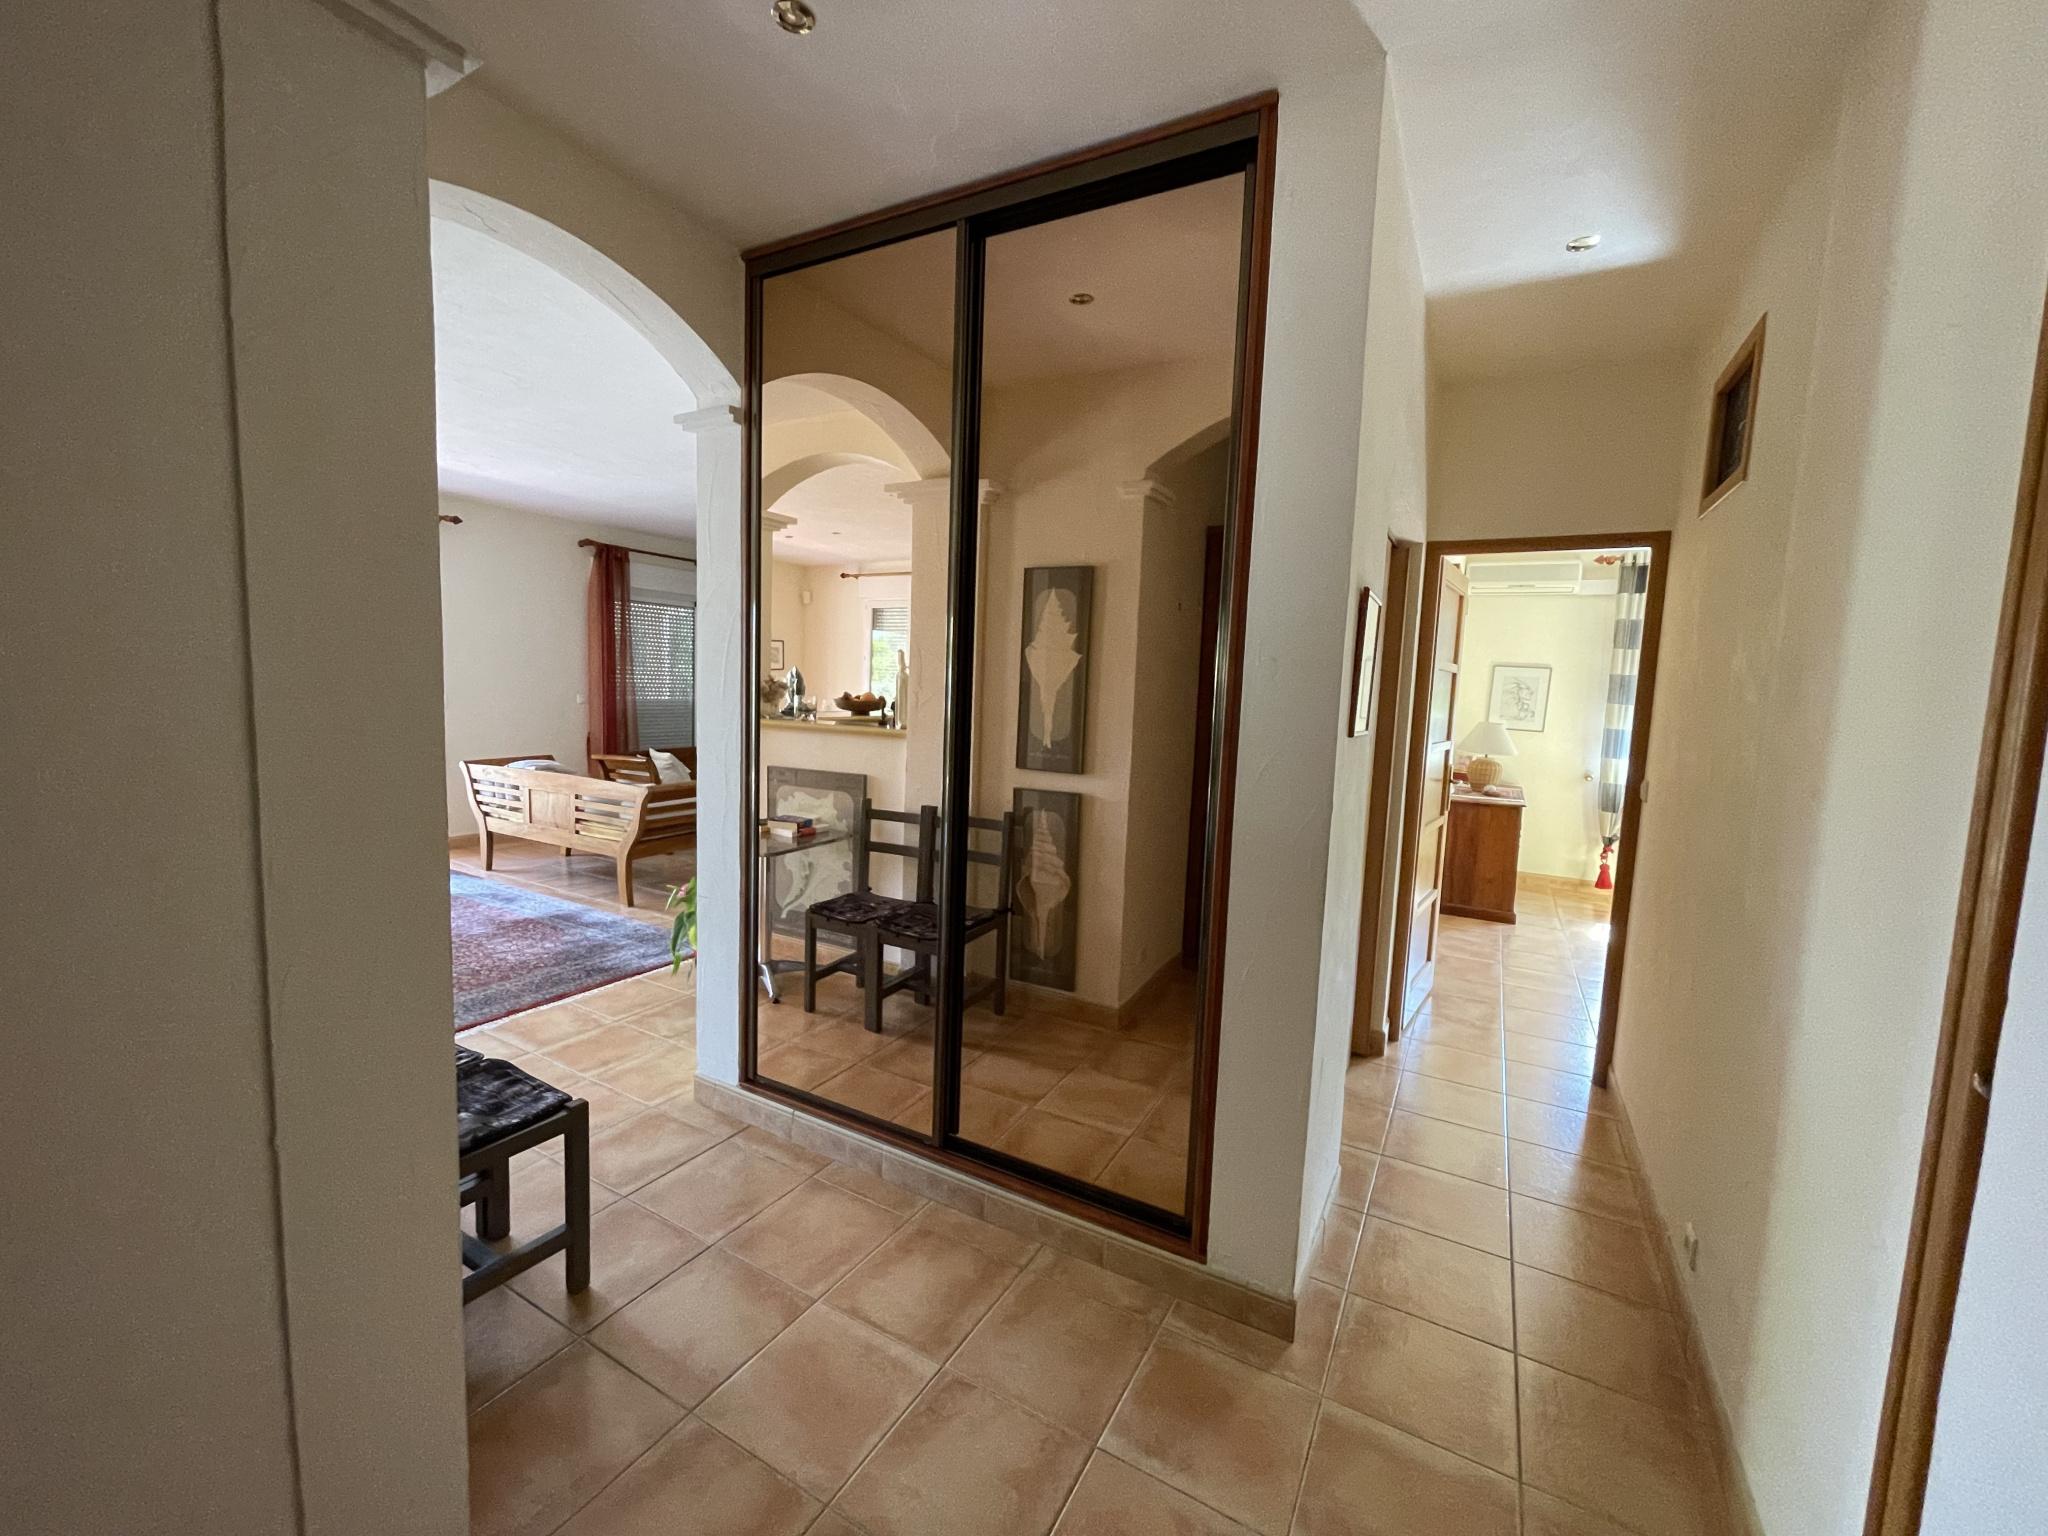 À vendre maison/villa de 124m2 à argeles sur mer (66700) - Photo 11'